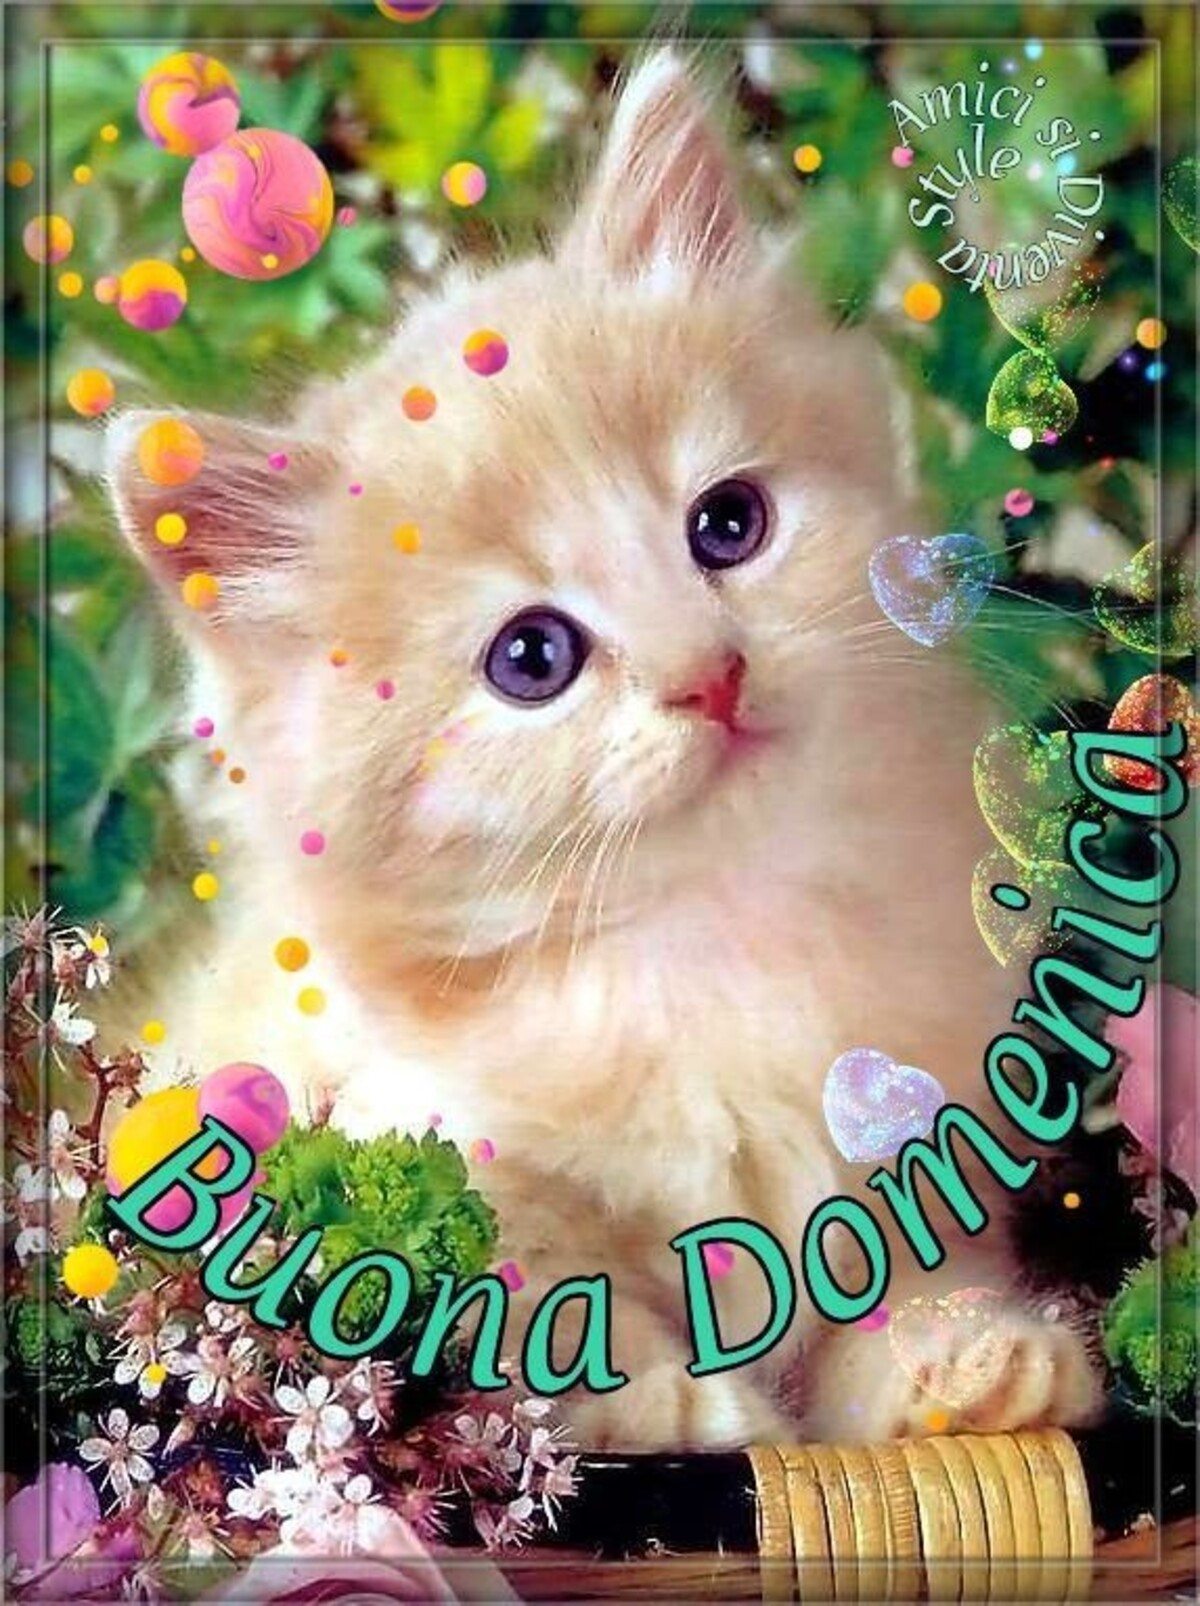 Buona Domenica gattino